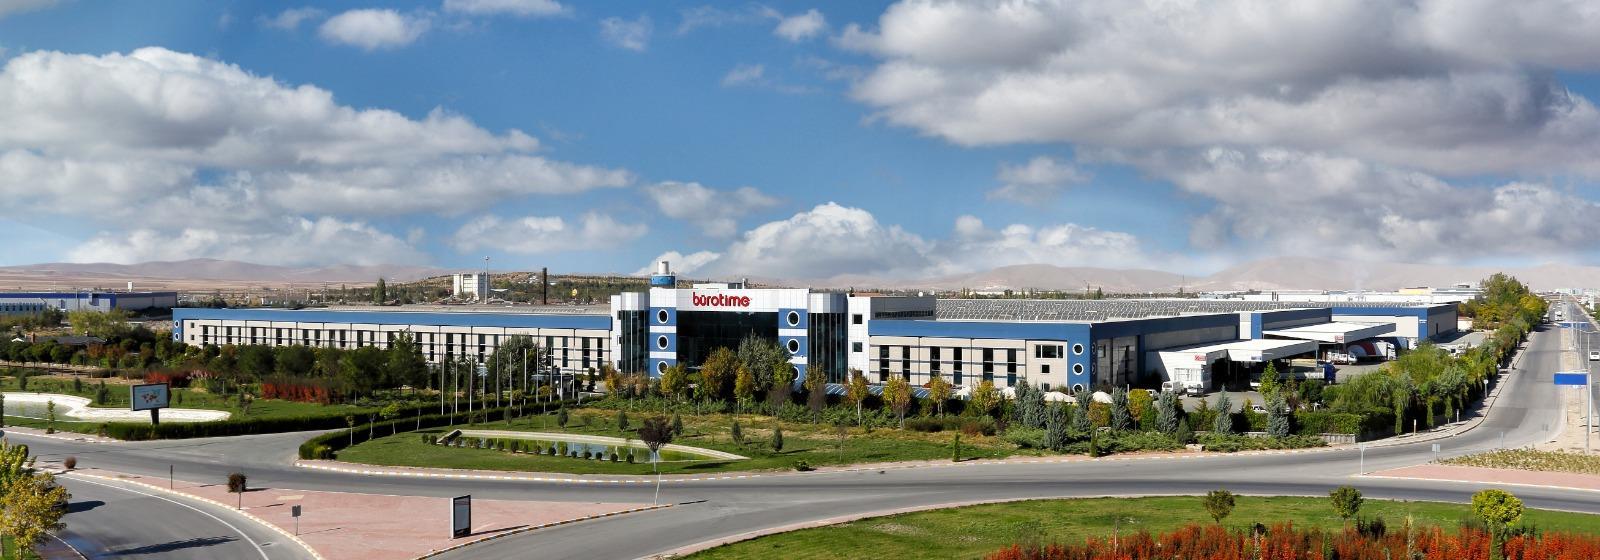 Anadolu'dan dünyaya tasarım ve kalite ihracatı